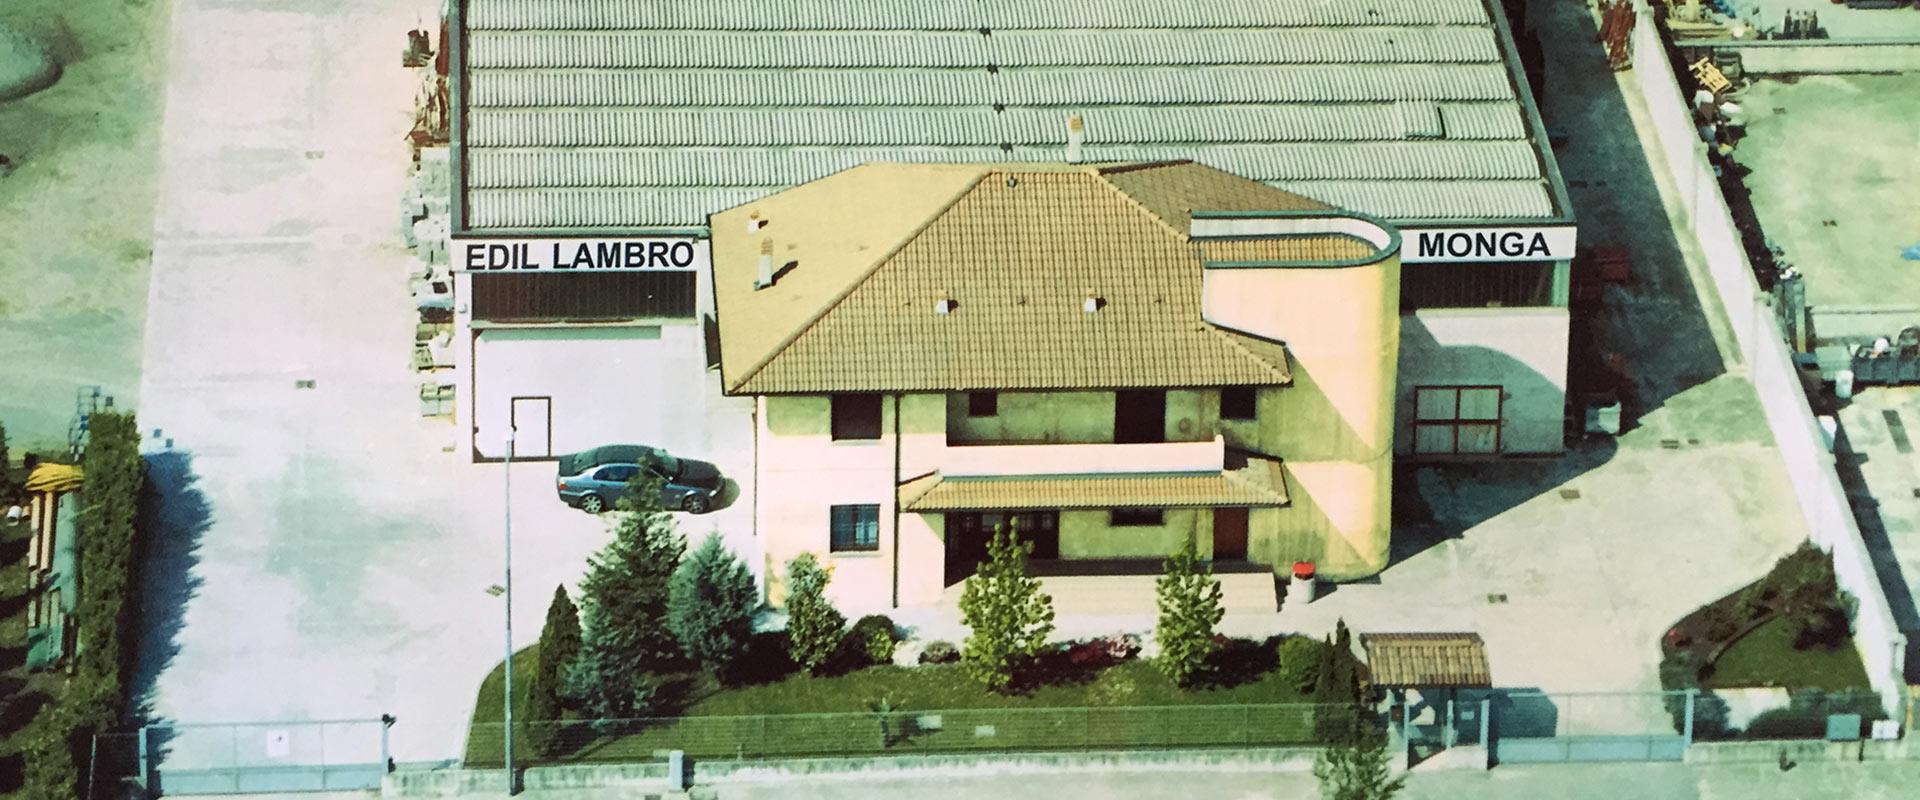 Edil Lambro Costruzioni - Azienda